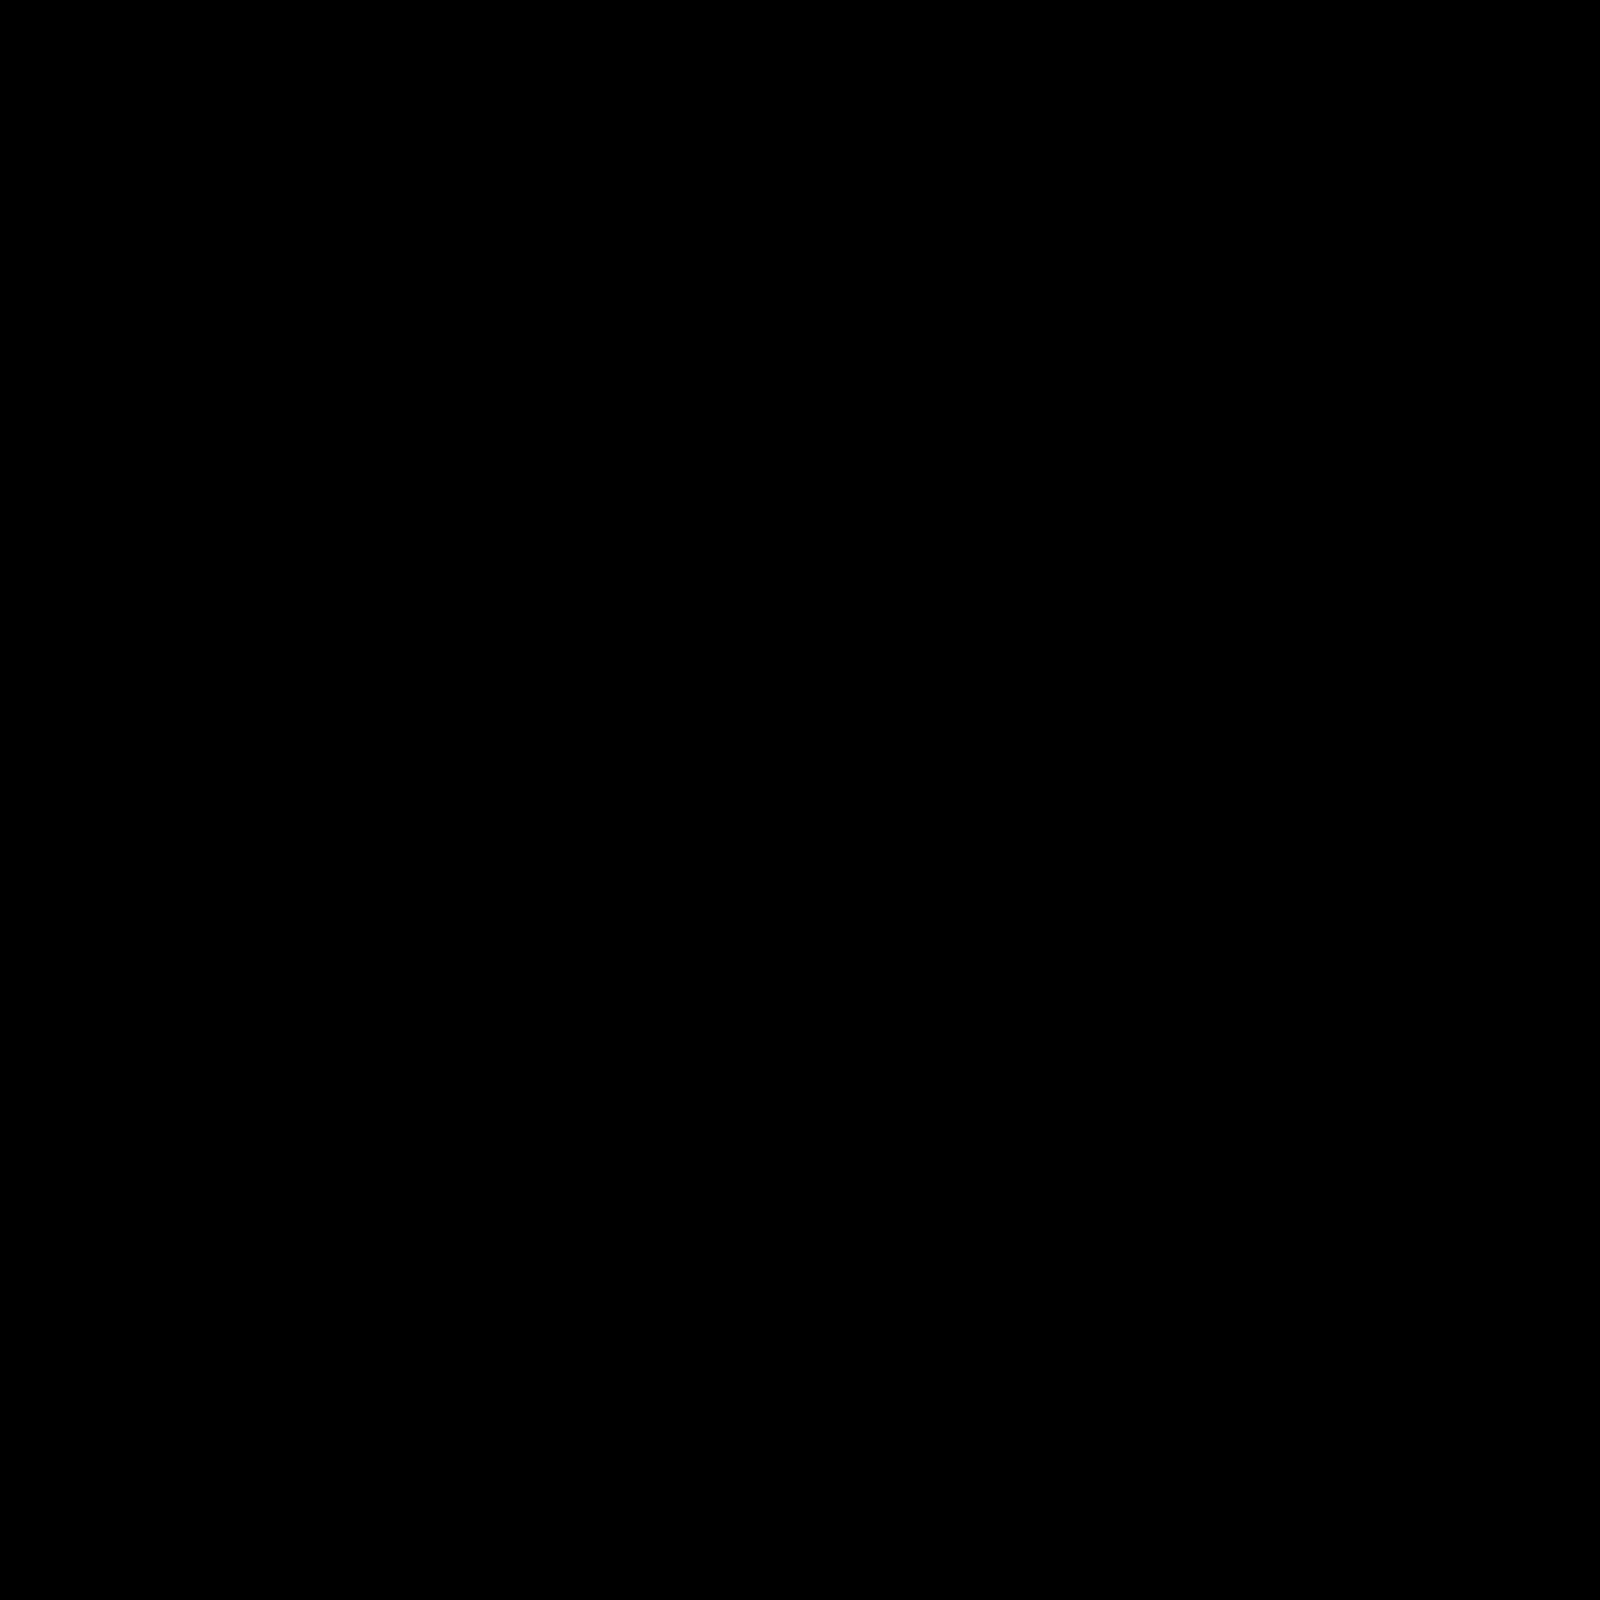 BMX icon